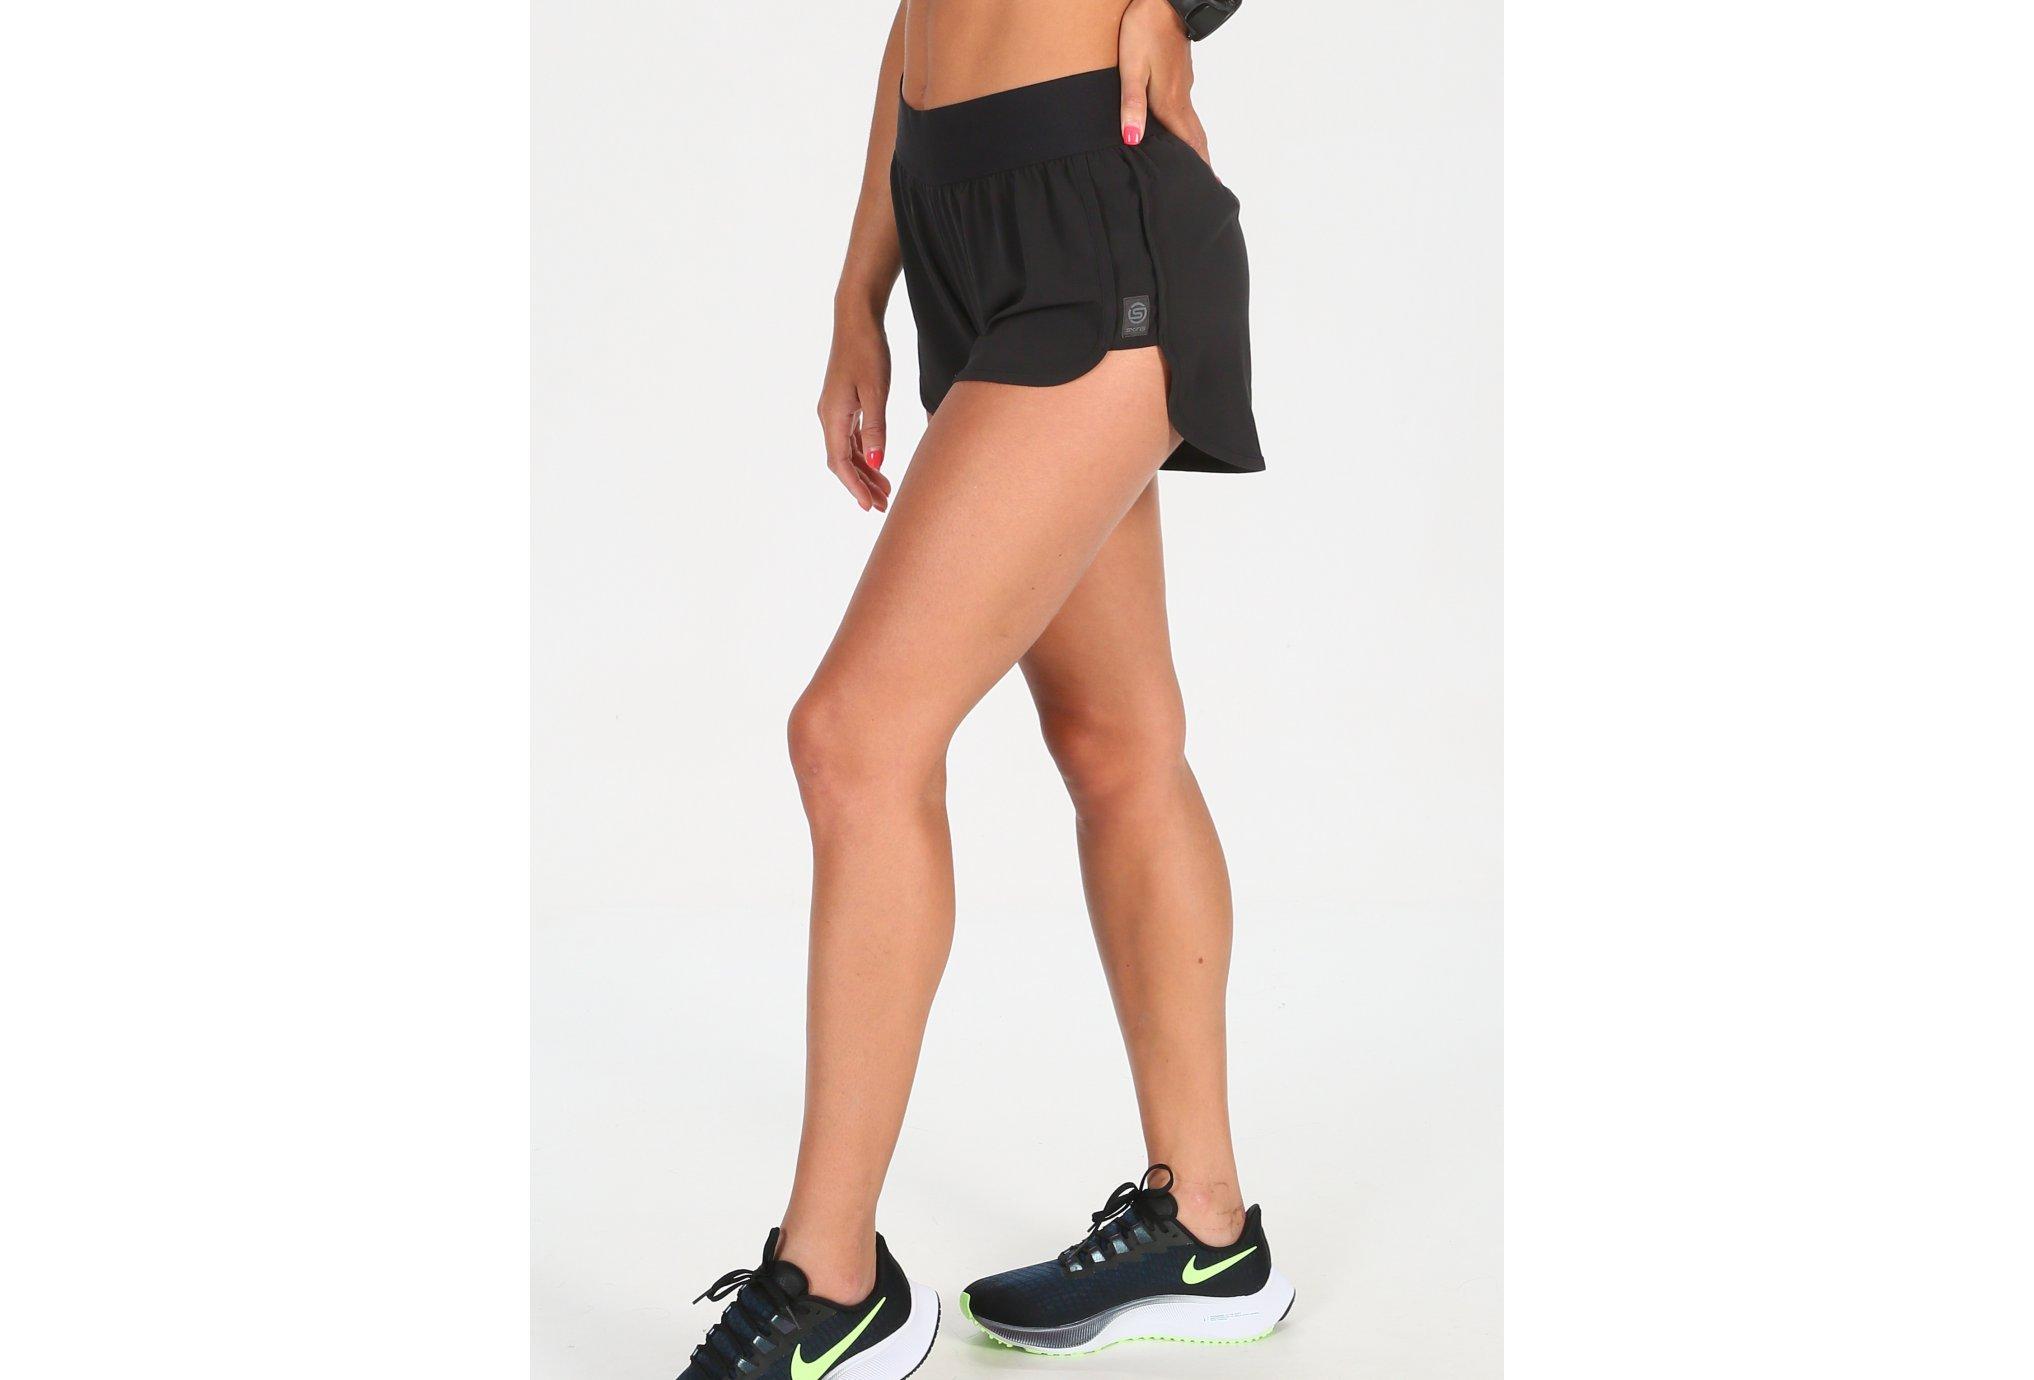 Skins Activewear Swipe Hi Lo W Diététique Vêtements femme